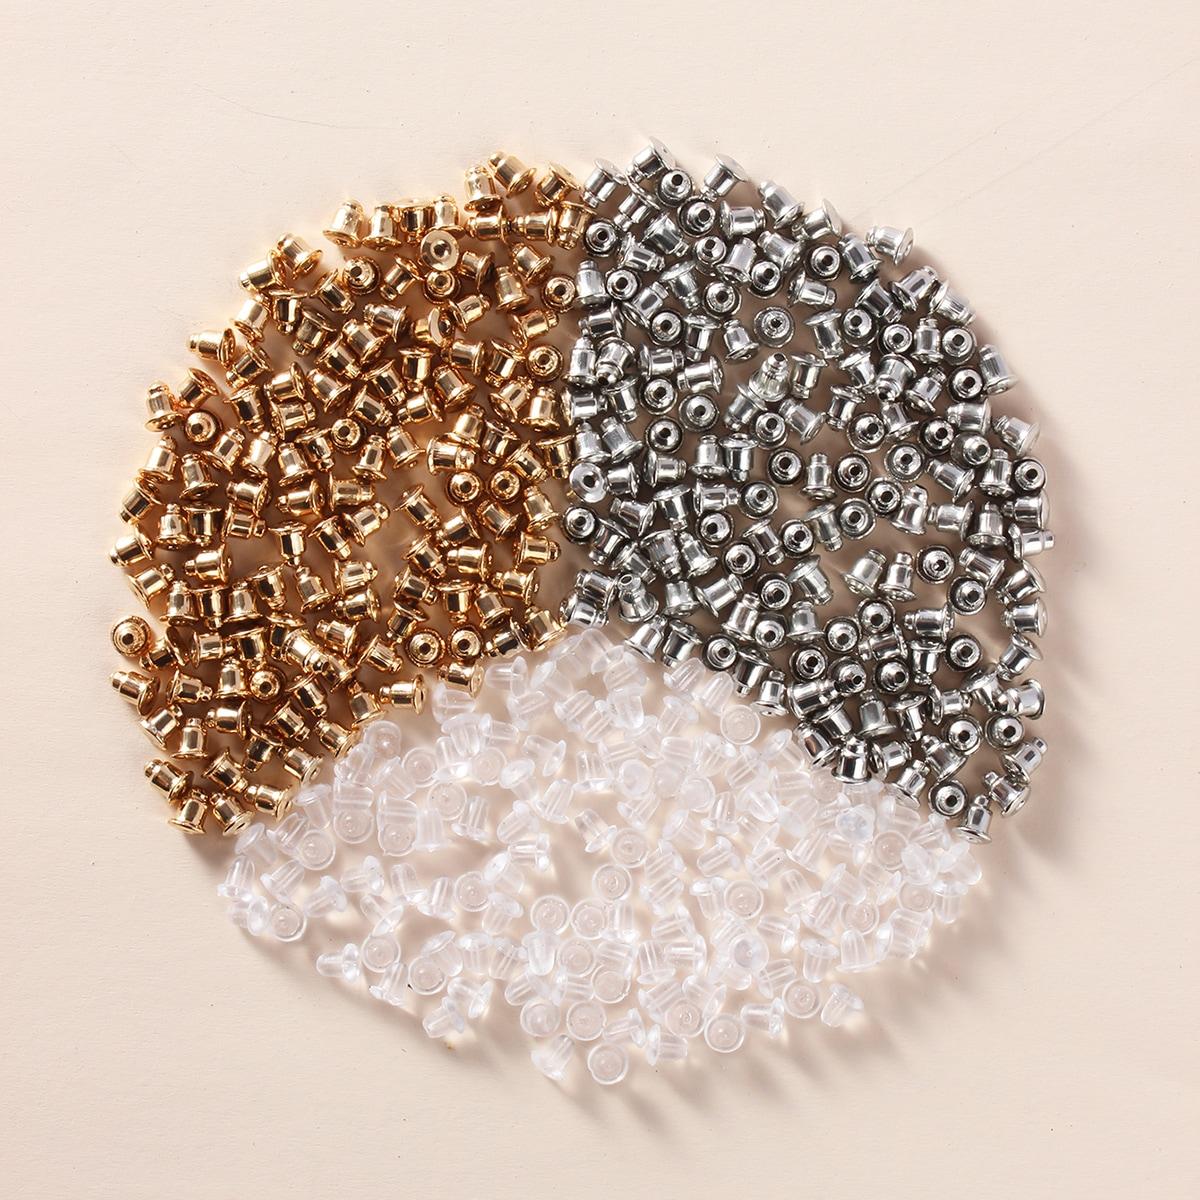 300pcs Metal & Plastic Earplugs Earrings Accessory